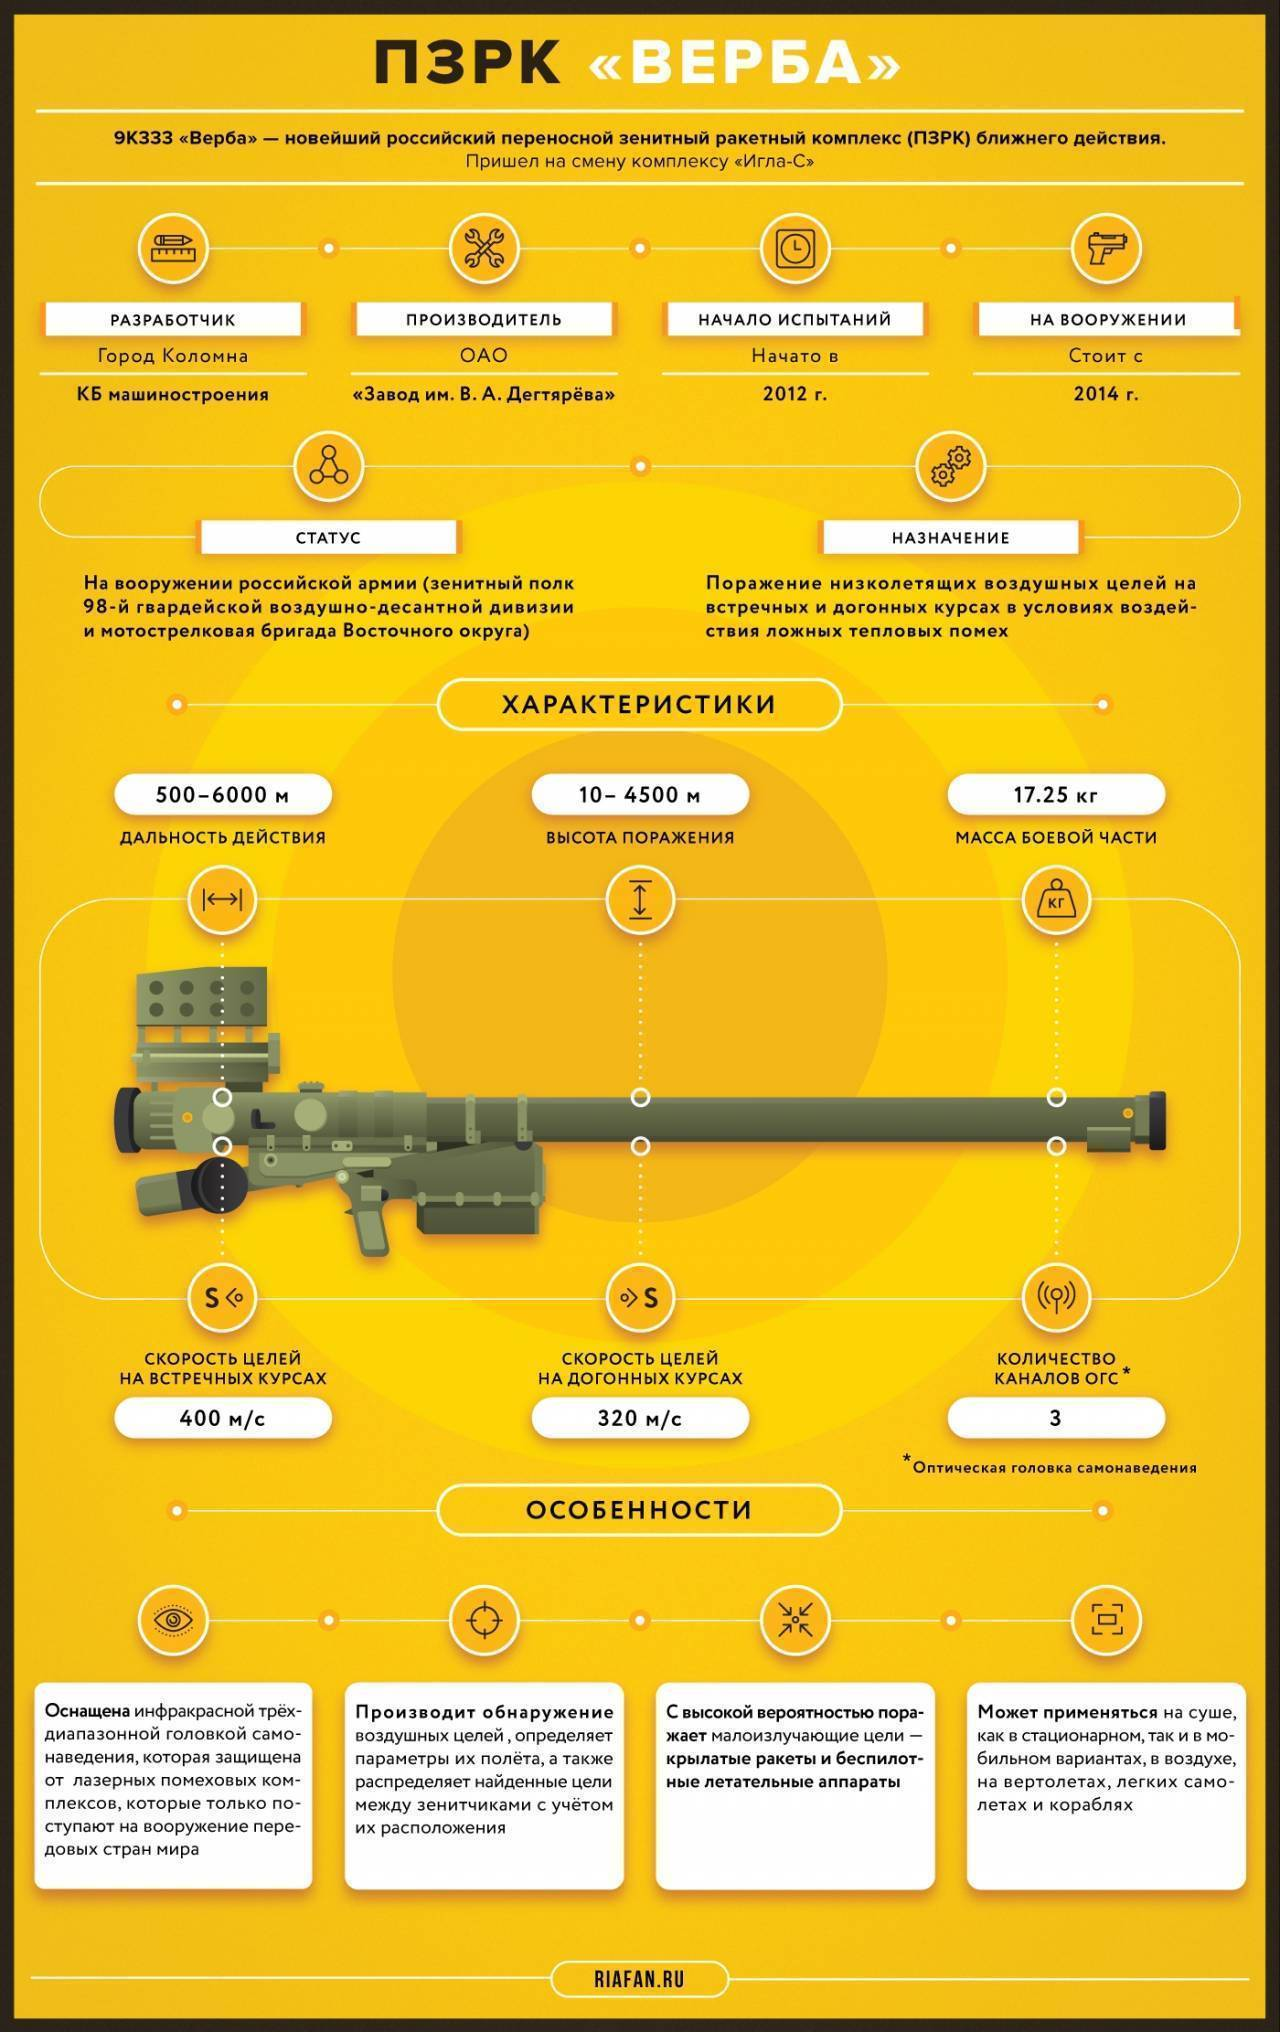 Stinger оружие. пзрк «стингер» – длинное жало пентагона. новое прицельное устройство